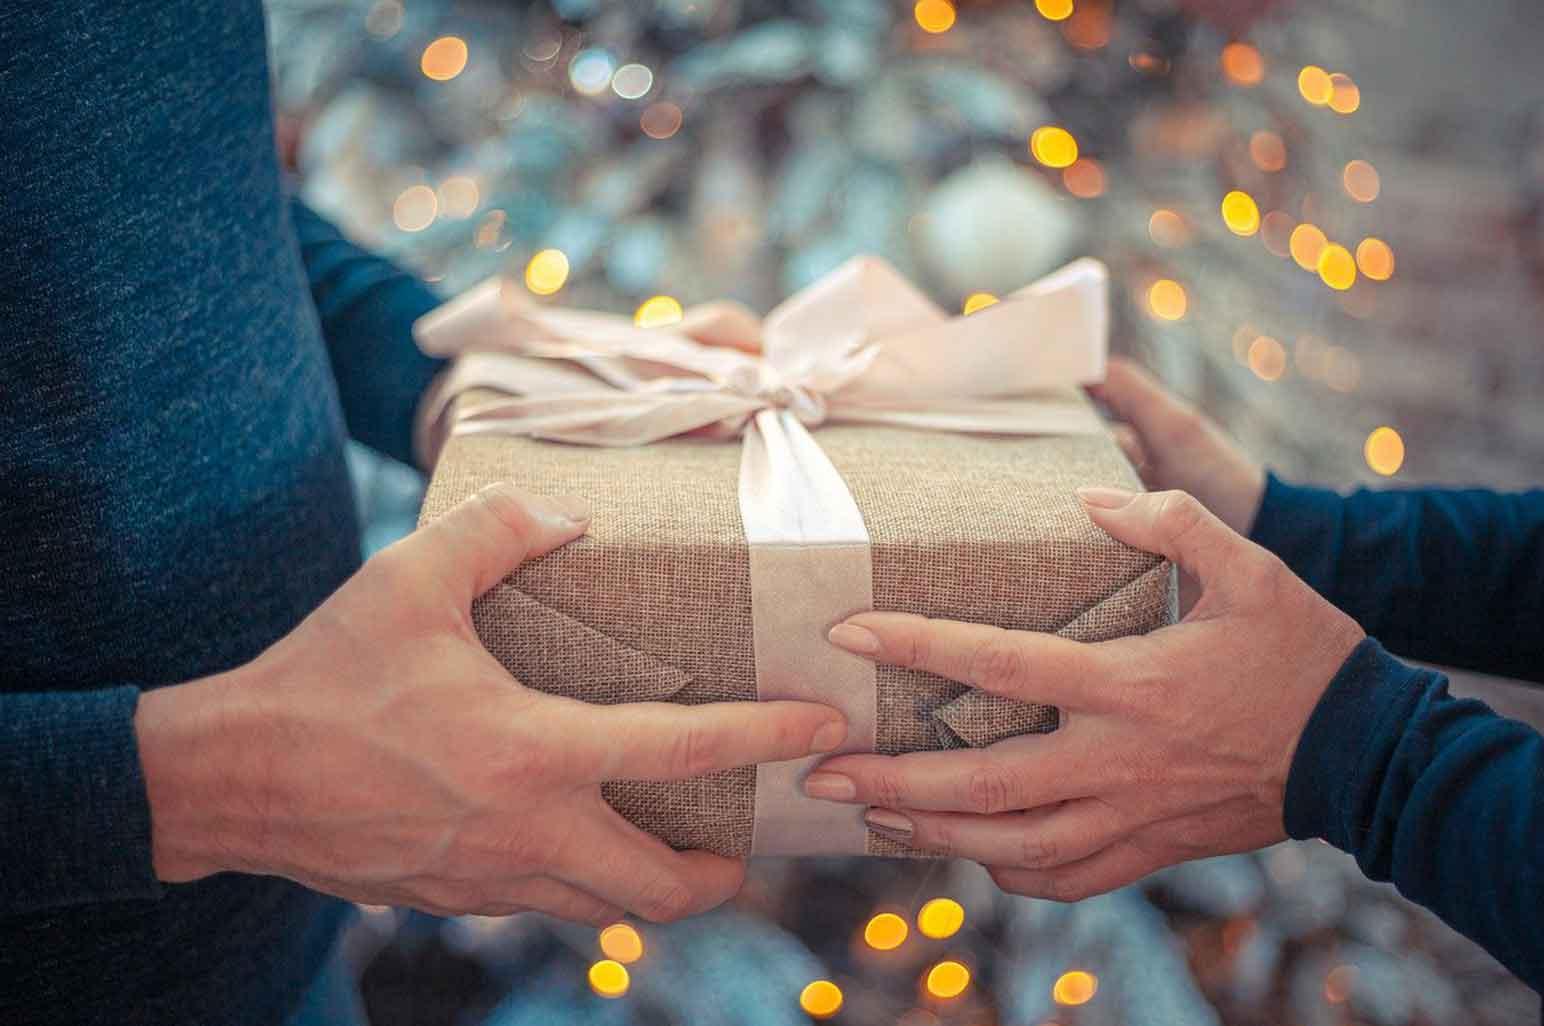 Unique Gift Ideas for Your Parents